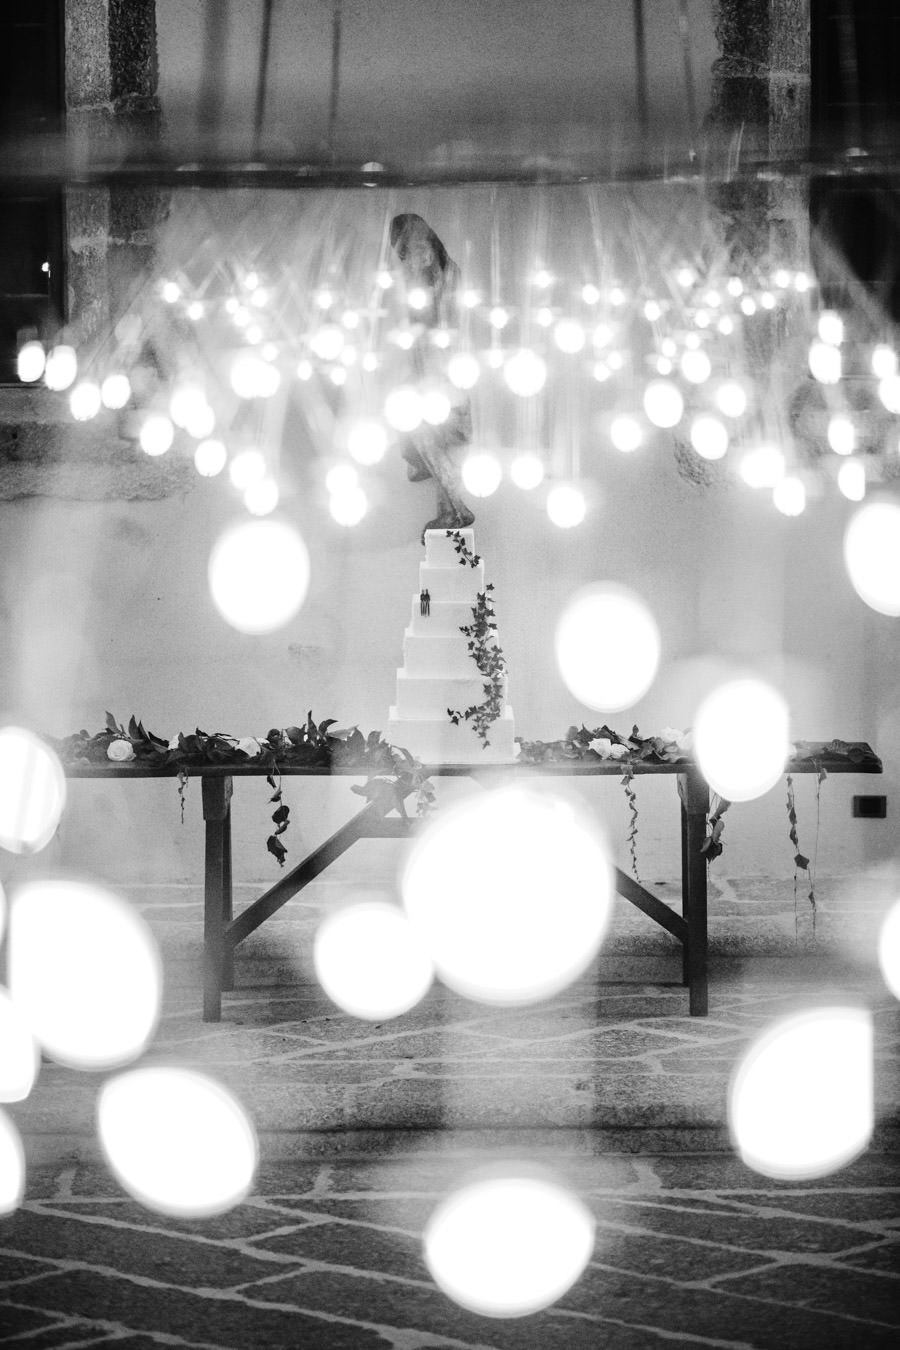 casamento pousadas de portugal amares santa maria bouro geres natureza love is love melhor fotografo